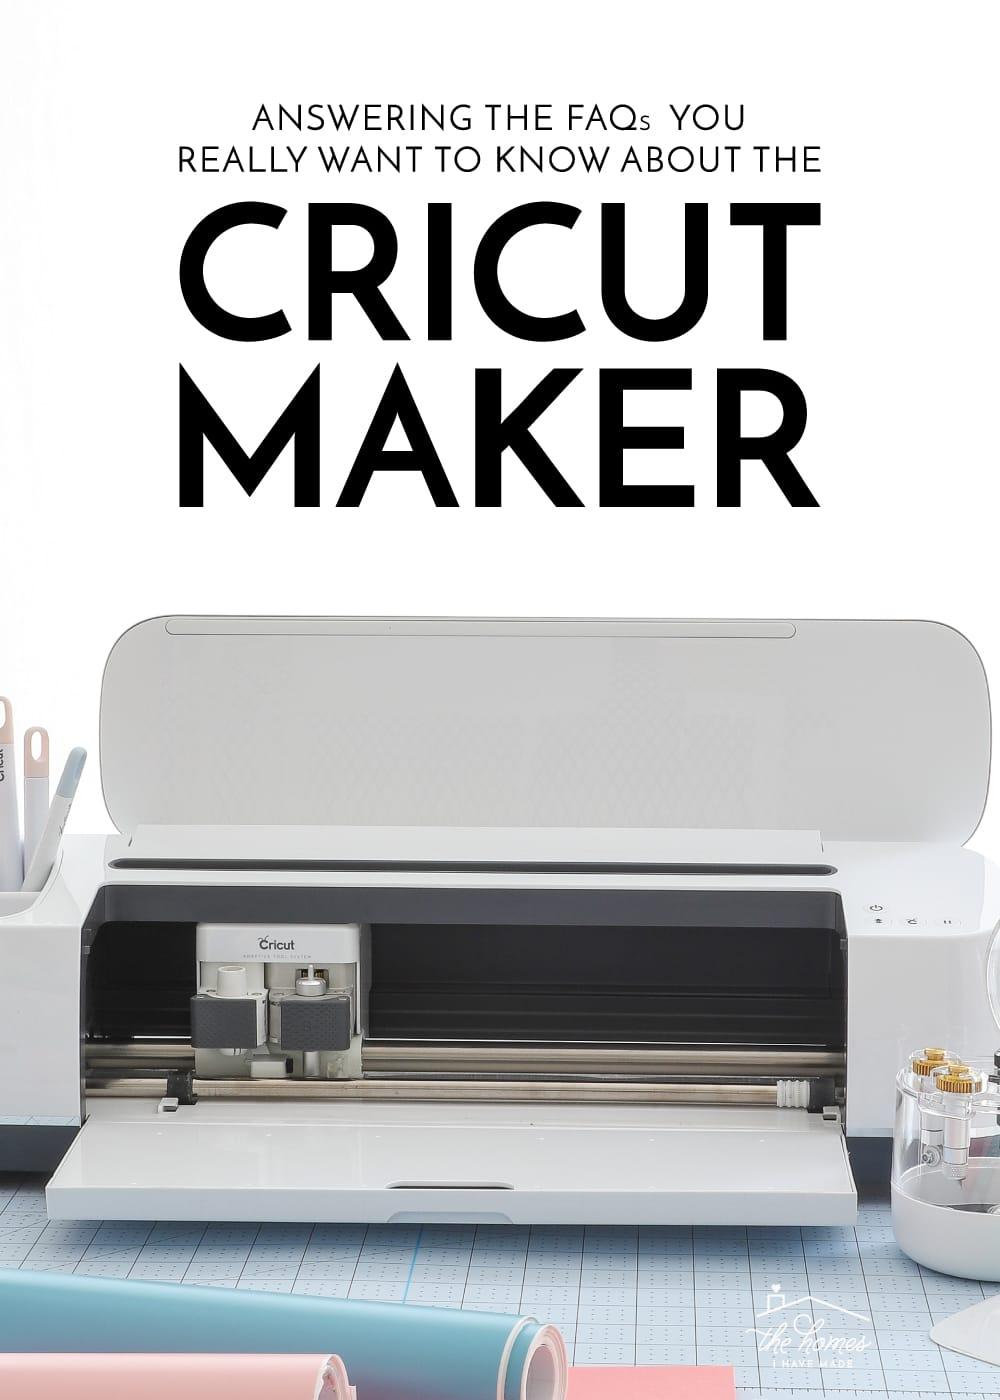 About the Cricut Maker